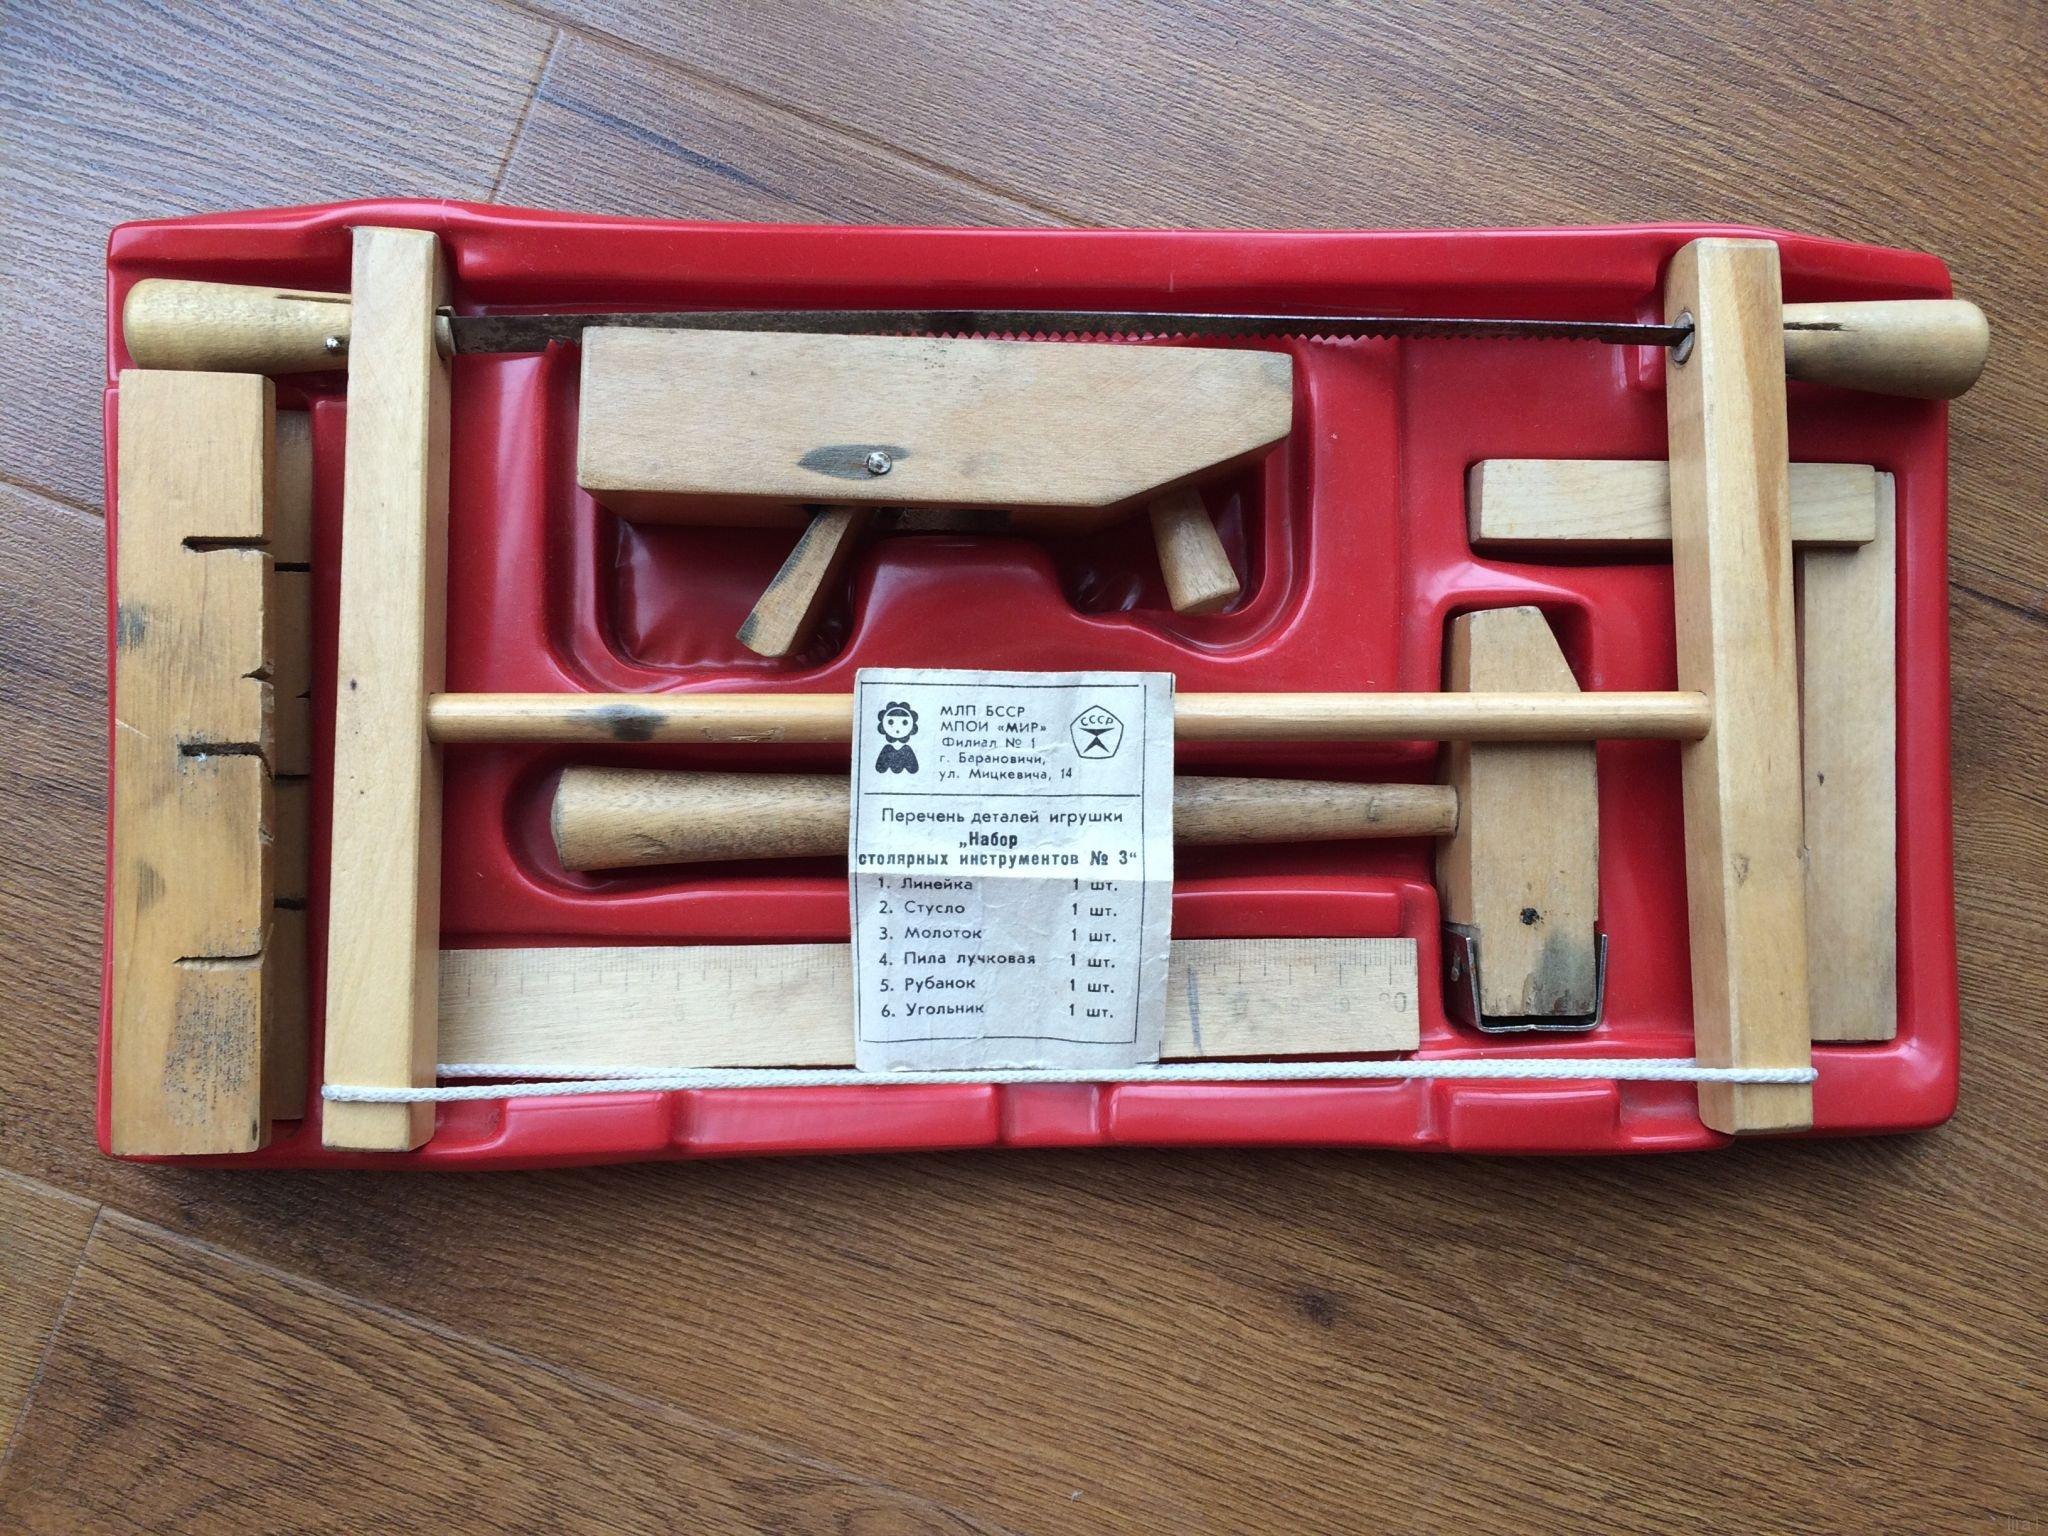 Уроки труда на дому: наборы детских инструментов от Pebaro - 3